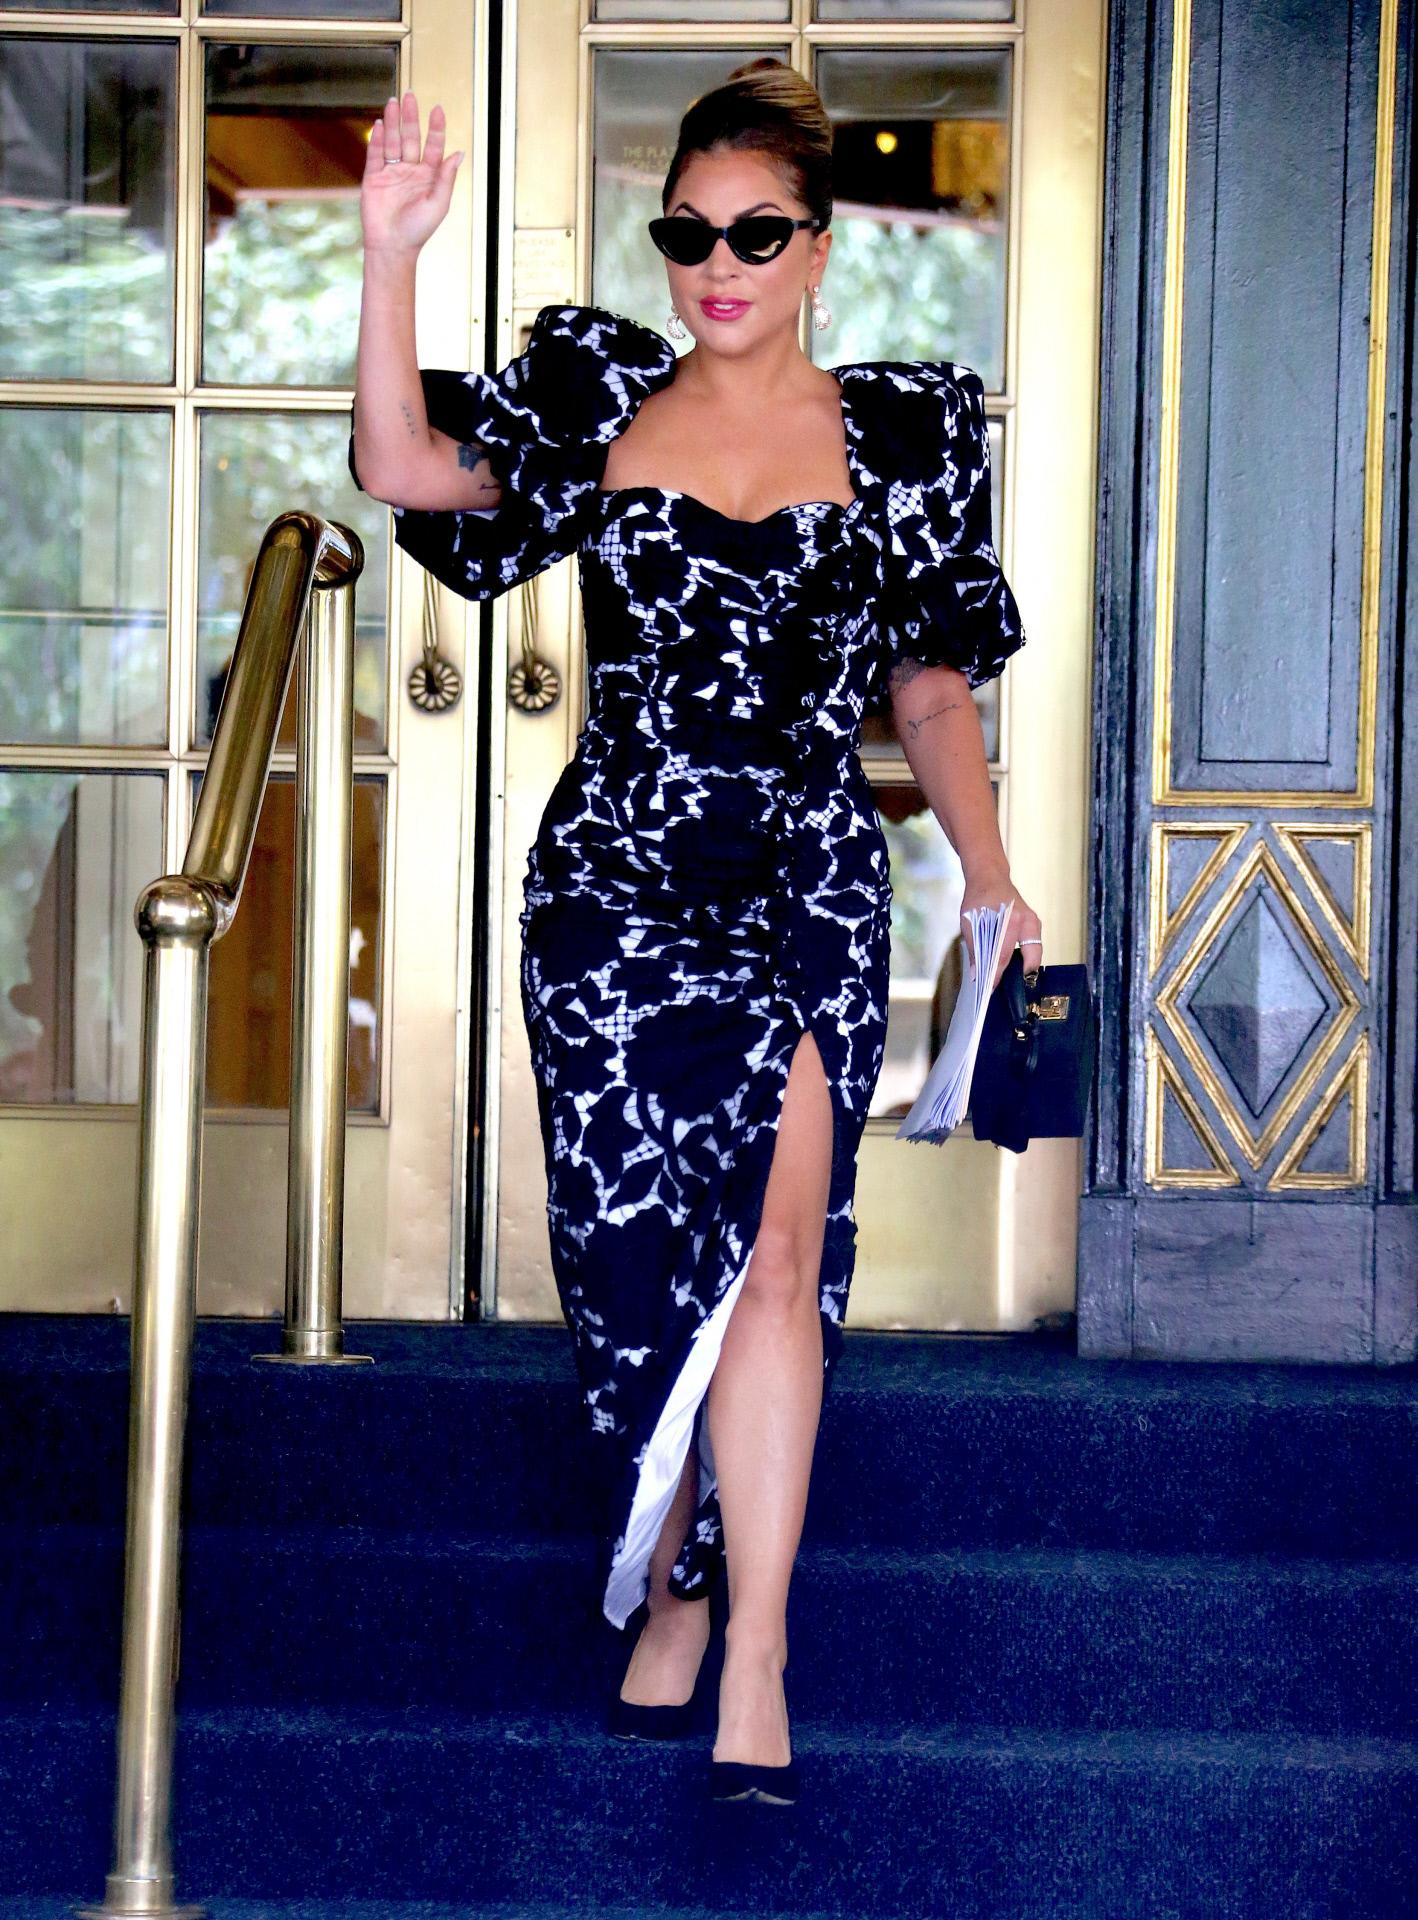 Lady Gaga saliendo del Hotel Plaza con vestido de flores y mangas abullonadas, de Giuseppe di Morabito.